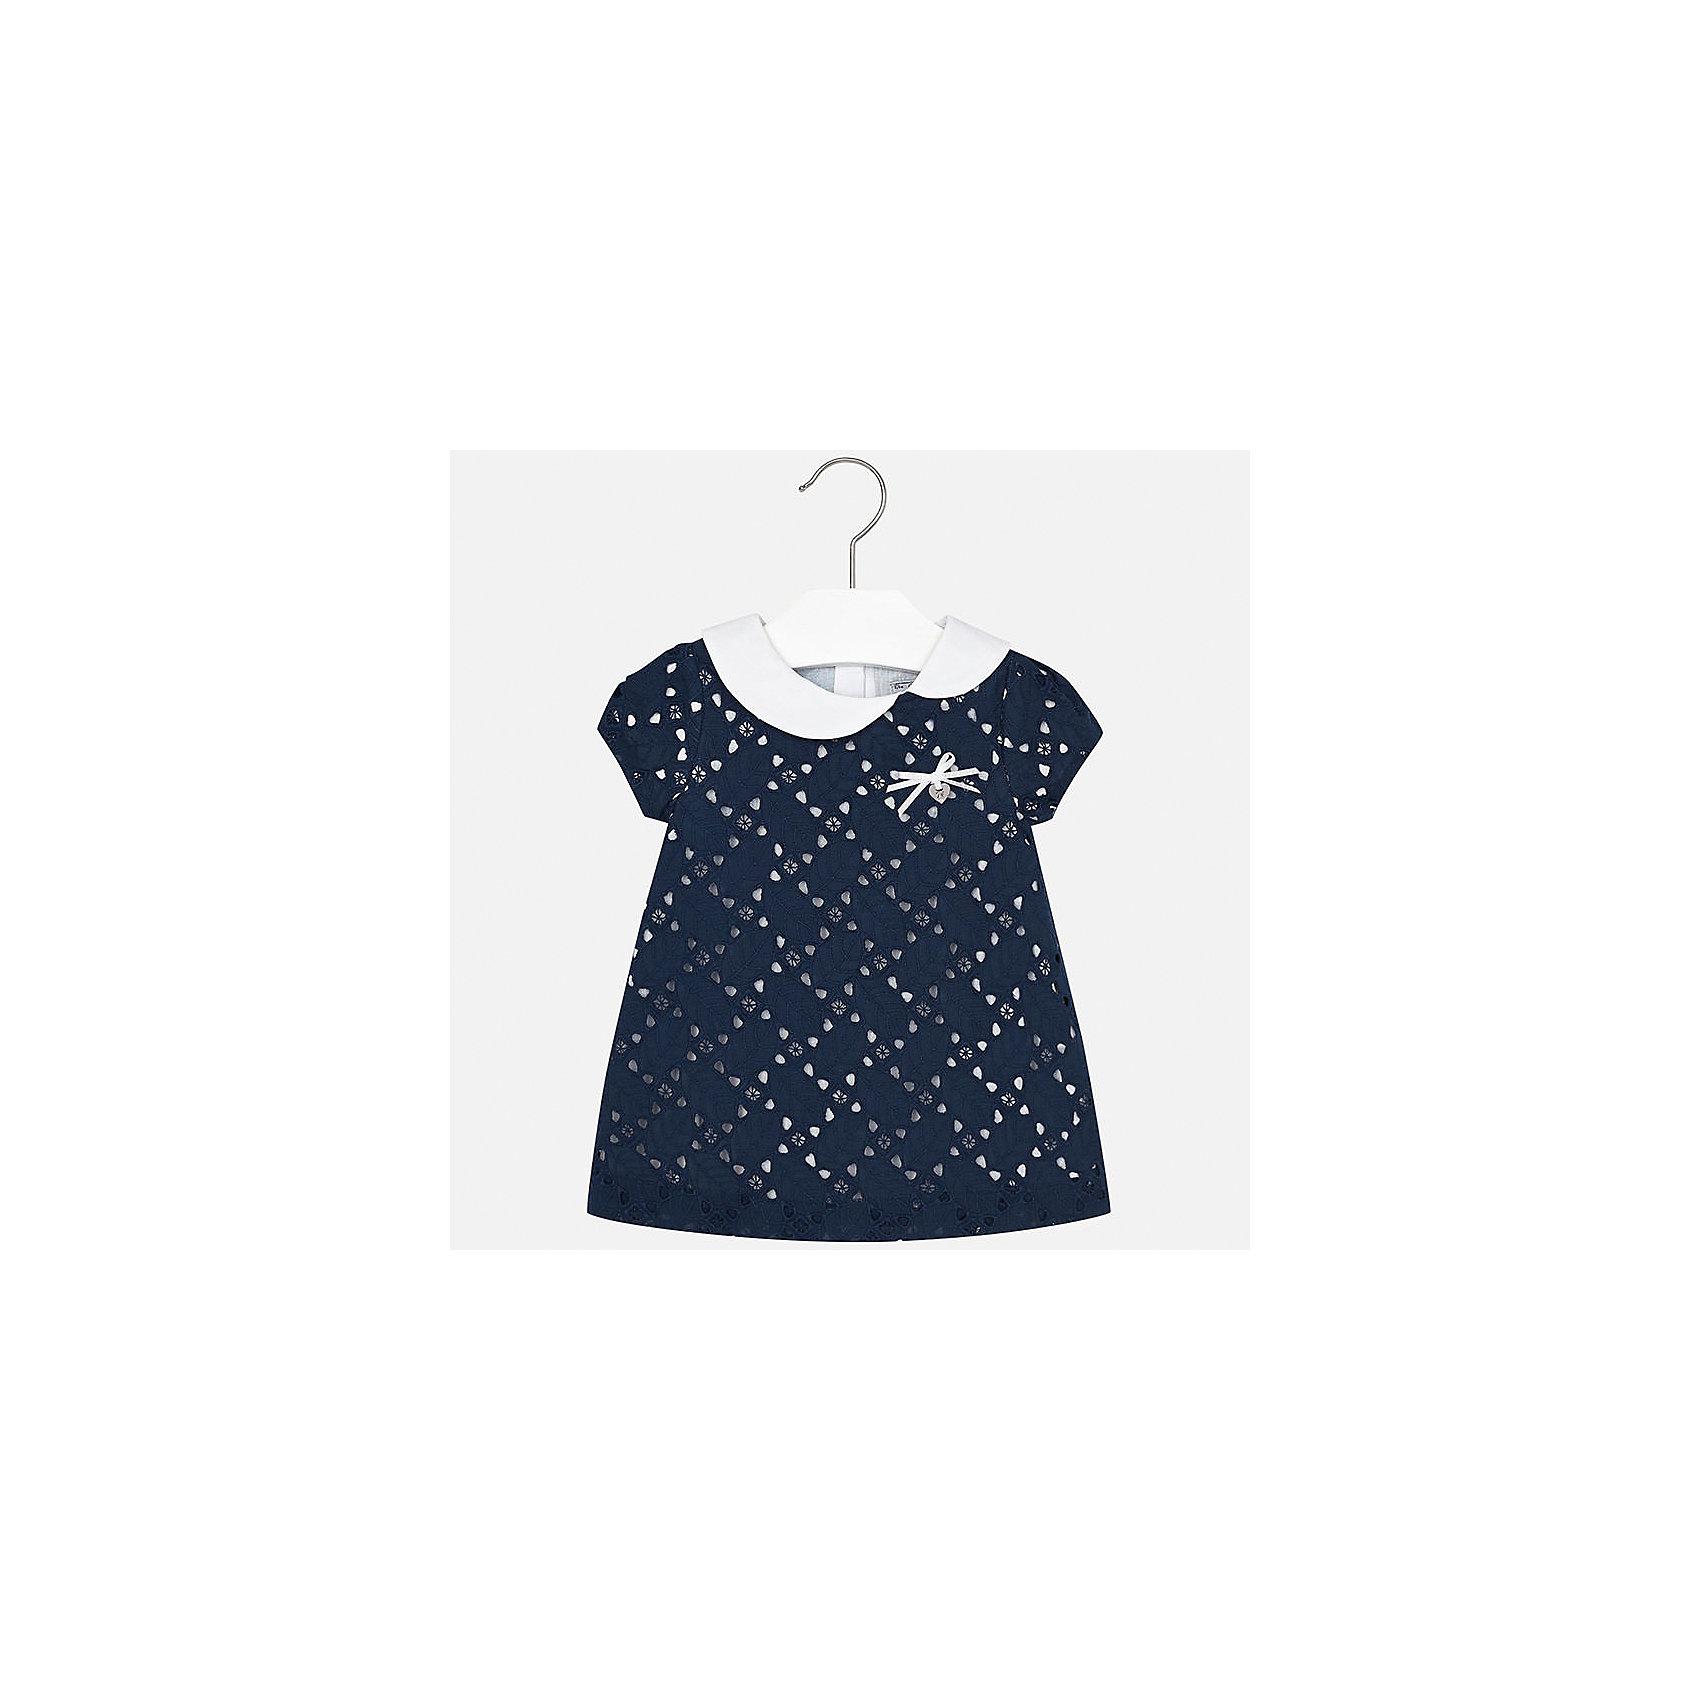 Платье для девочки MayoralПлатья<br>Характеристики товара:<br><br>• цвет: тёмно-синий<br>• состав: 100% хлопок, подкладка - 50% полиэстер, 50% хлопок<br>• застежка: молния<br>• легкий материал<br>• отложной воротник<br>• украшено бантом<br>• с подкладкой<br>• короткие рукава<br>• страна бренда: Испания<br><br>Красивое легкое платье для девочки поможет разнообразить гардероб ребенка и создать эффектный наряд. Оно подойдет и для торжественных случаев, может быть и как ежедневный наряд. Красивый оттенок позволяет подобрать к вещи обувь разных расцветок. В составе материала подкладки - натуральный хлопок, гипоаллергенный, приятный на ощупь, дышащий. Платье хорошо сидит по фигуре.<br><br>Одежда, обувь и аксессуары от испанского бренда Mayoral полюбились детям и взрослым по всему миру. Модели этой марки - стильные и удобные. Для их производства используются только безопасные, качественные материалы и фурнитура. Порадуйте ребенка модными и красивыми вещами от Mayoral! <br><br>Платье для девочки от испанского бренда Mayoral (Майорал) можно купить в нашем интернет-магазине.<br><br>Ширина мм: 236<br>Глубина мм: 16<br>Высота мм: 184<br>Вес г: 177<br>Цвет: синий<br>Возраст от месяцев: 12<br>Возраст до месяцев: 15<br>Пол: Женский<br>Возраст: Детский<br>Размер: 80,92,74,86<br>SKU: 5289163